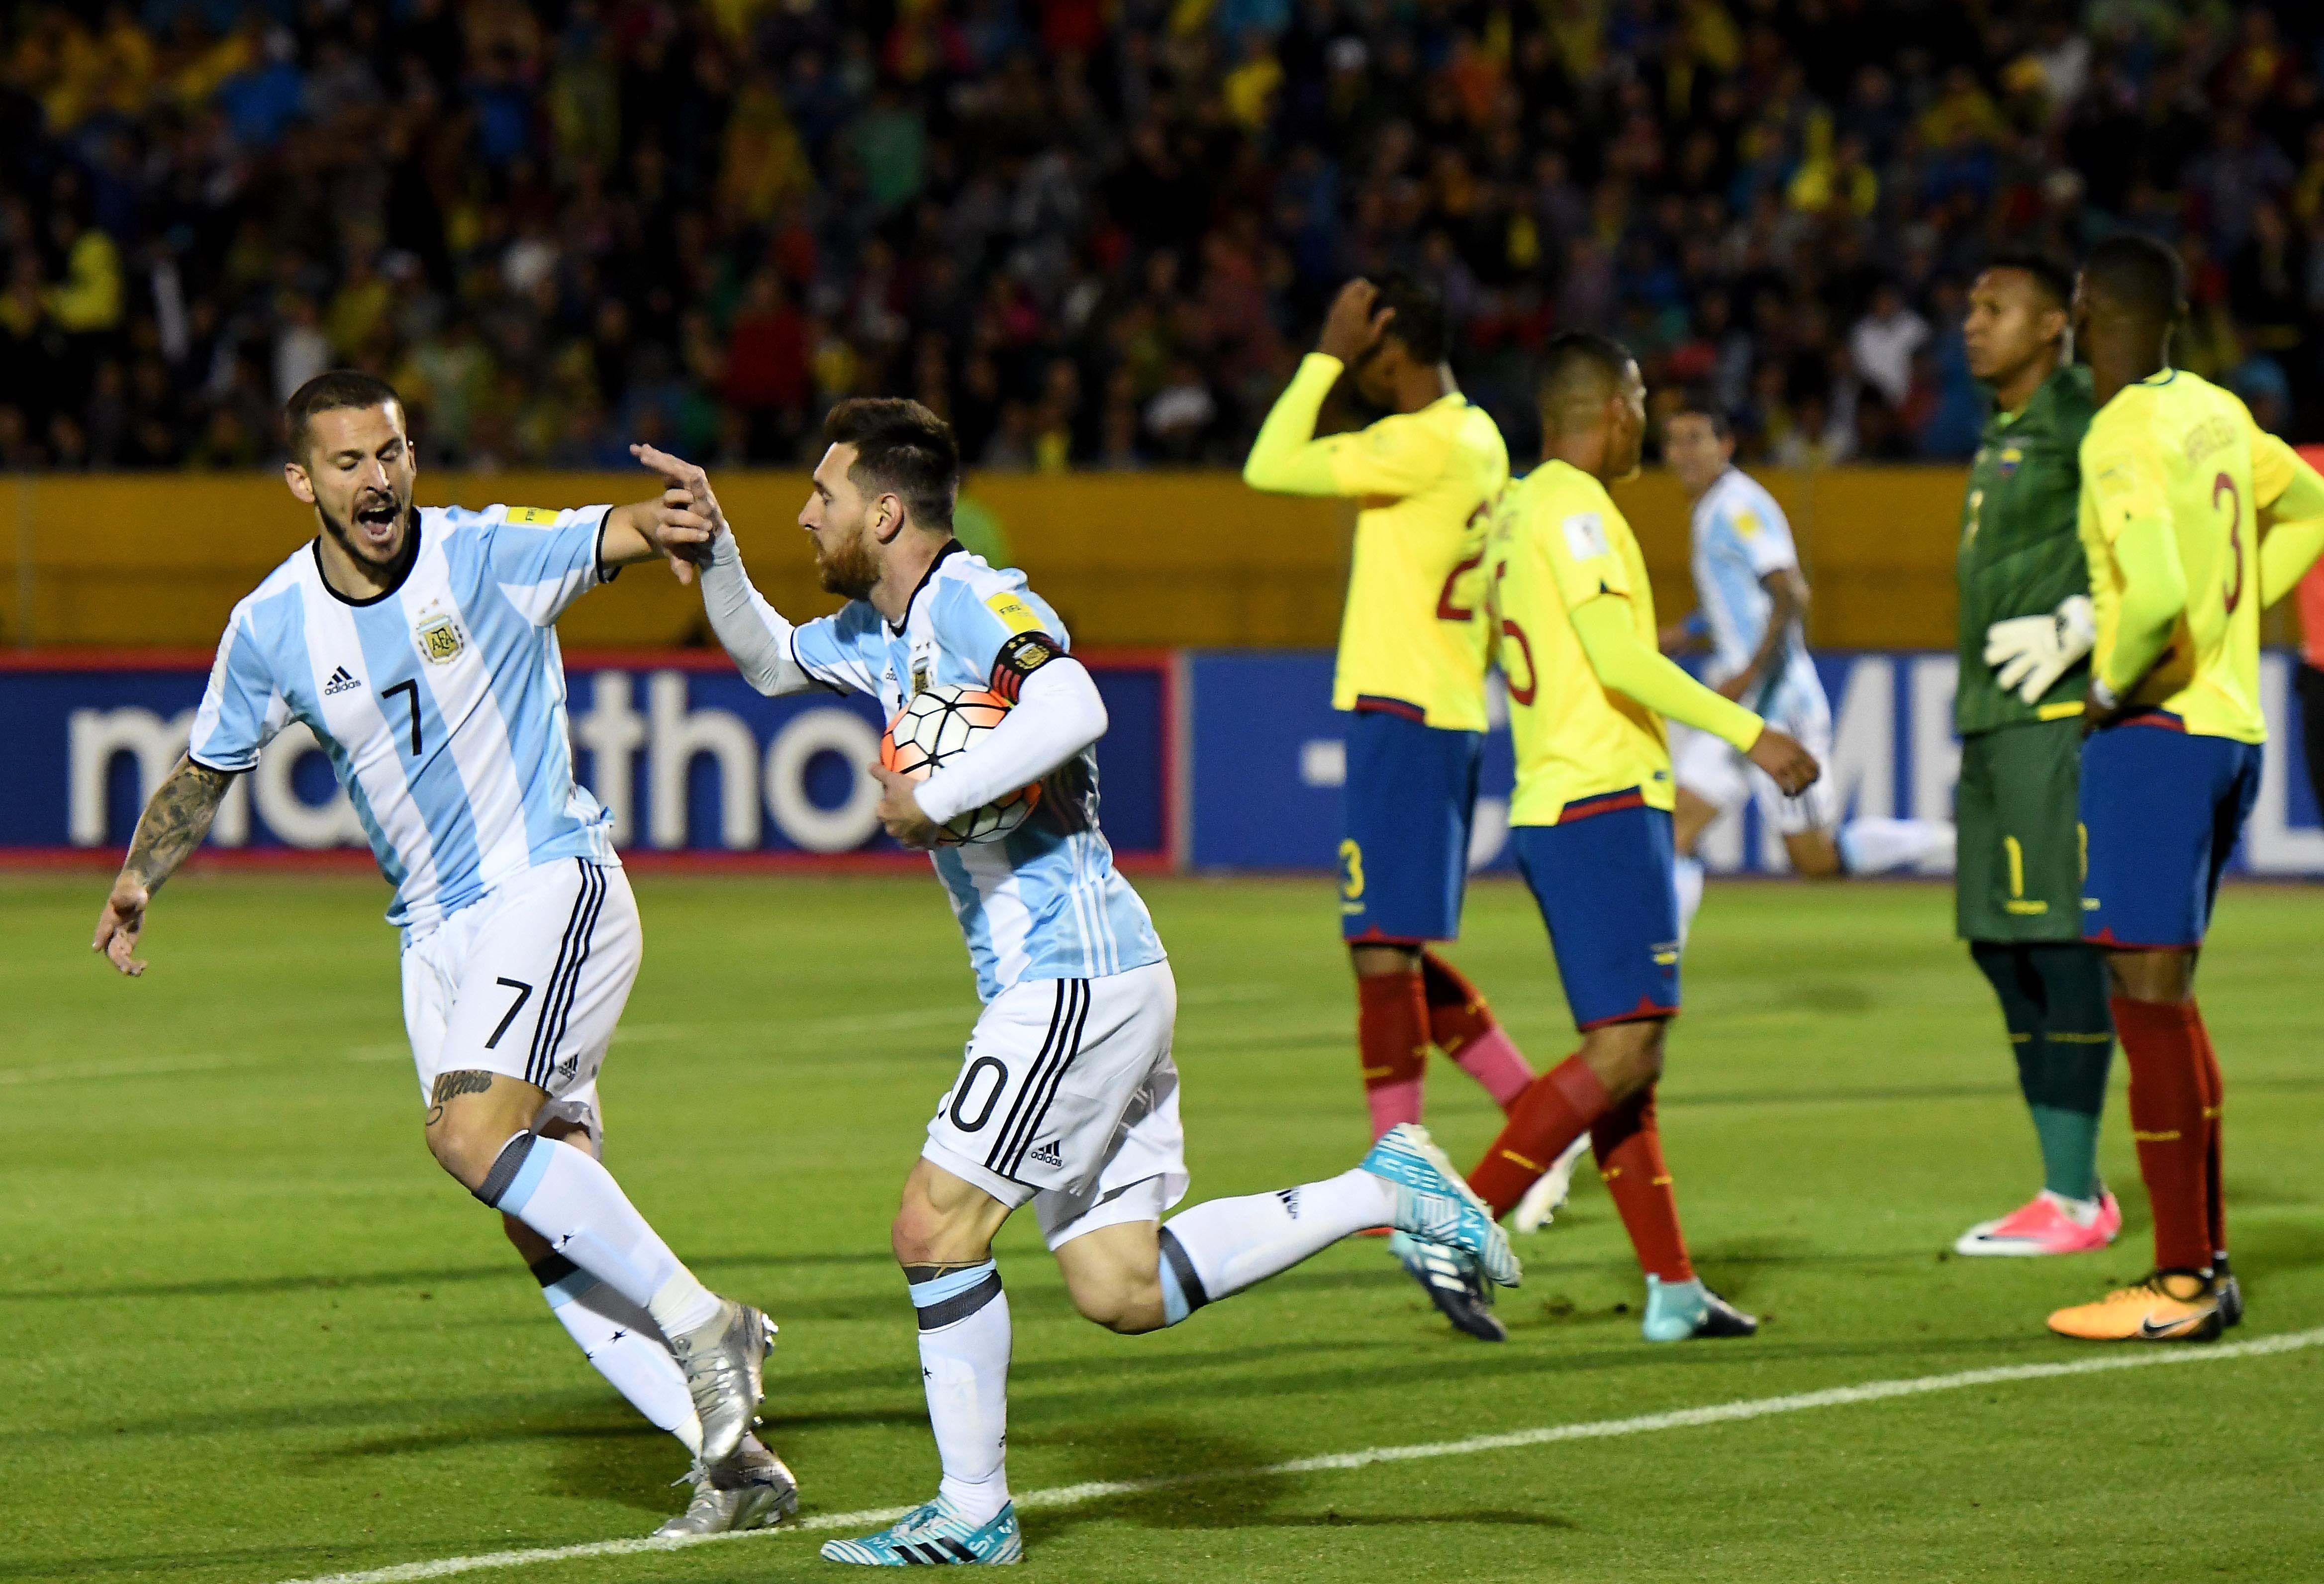 ¡Así sí! Messi empató el partido tras una gran combinación con Di María